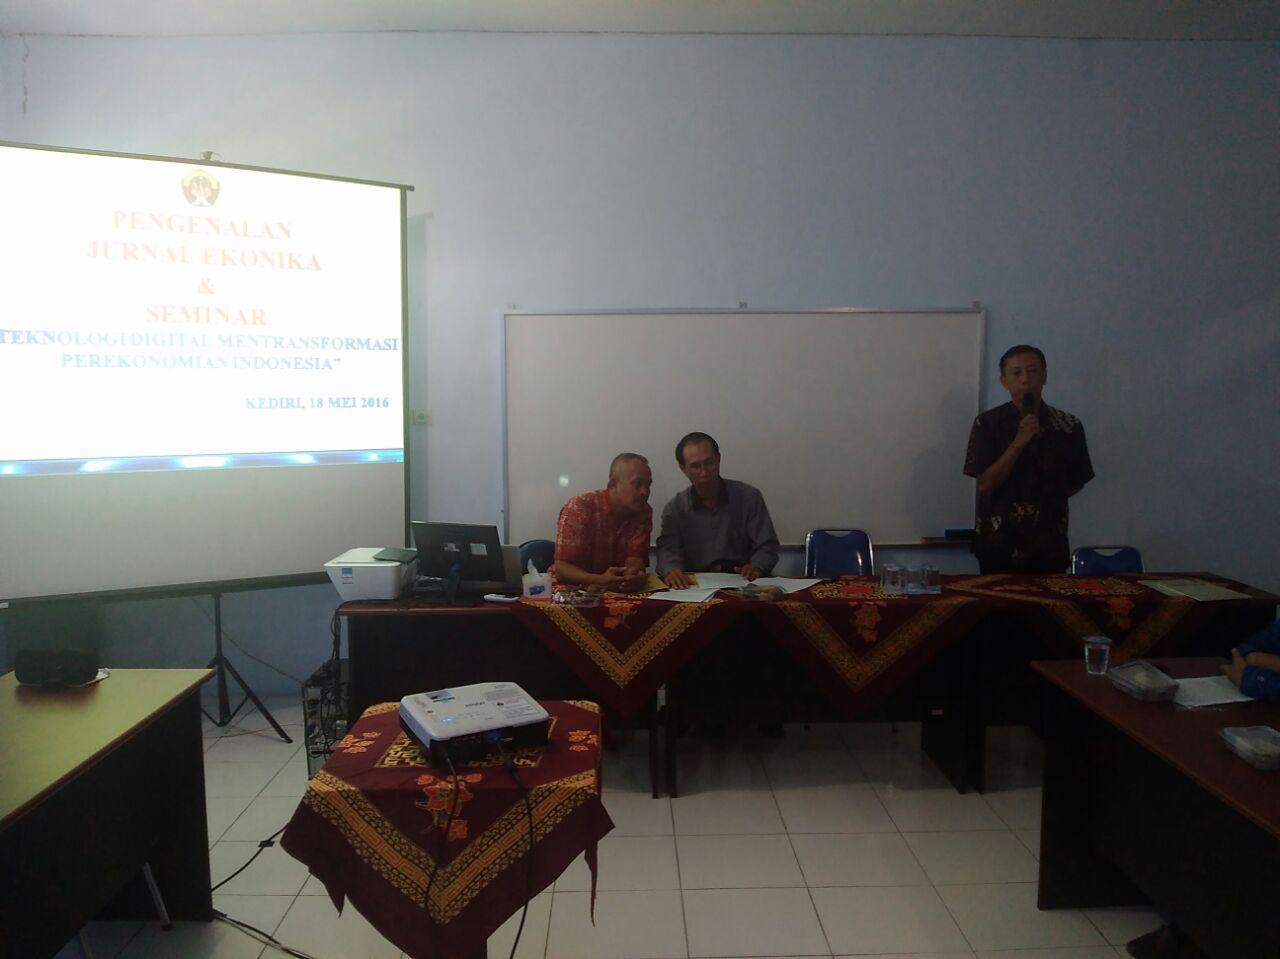 Launching Jurnal Ekonika Oleh Bapak Rektor